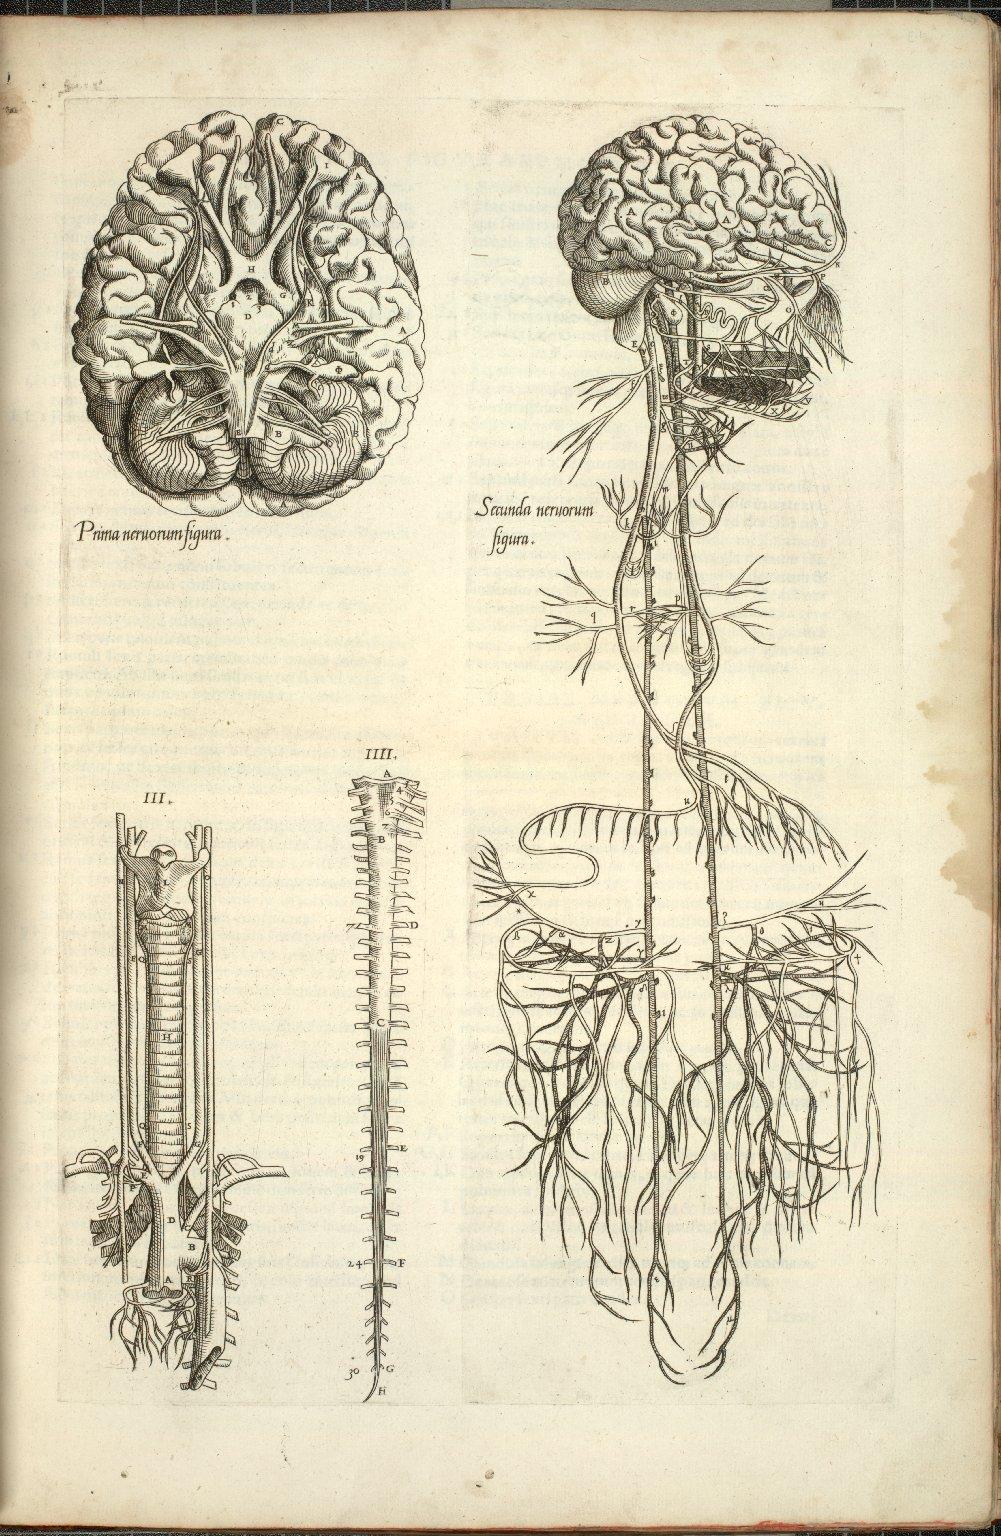 Prima nervorum figura, Secunda nervorem figura, III, IIII